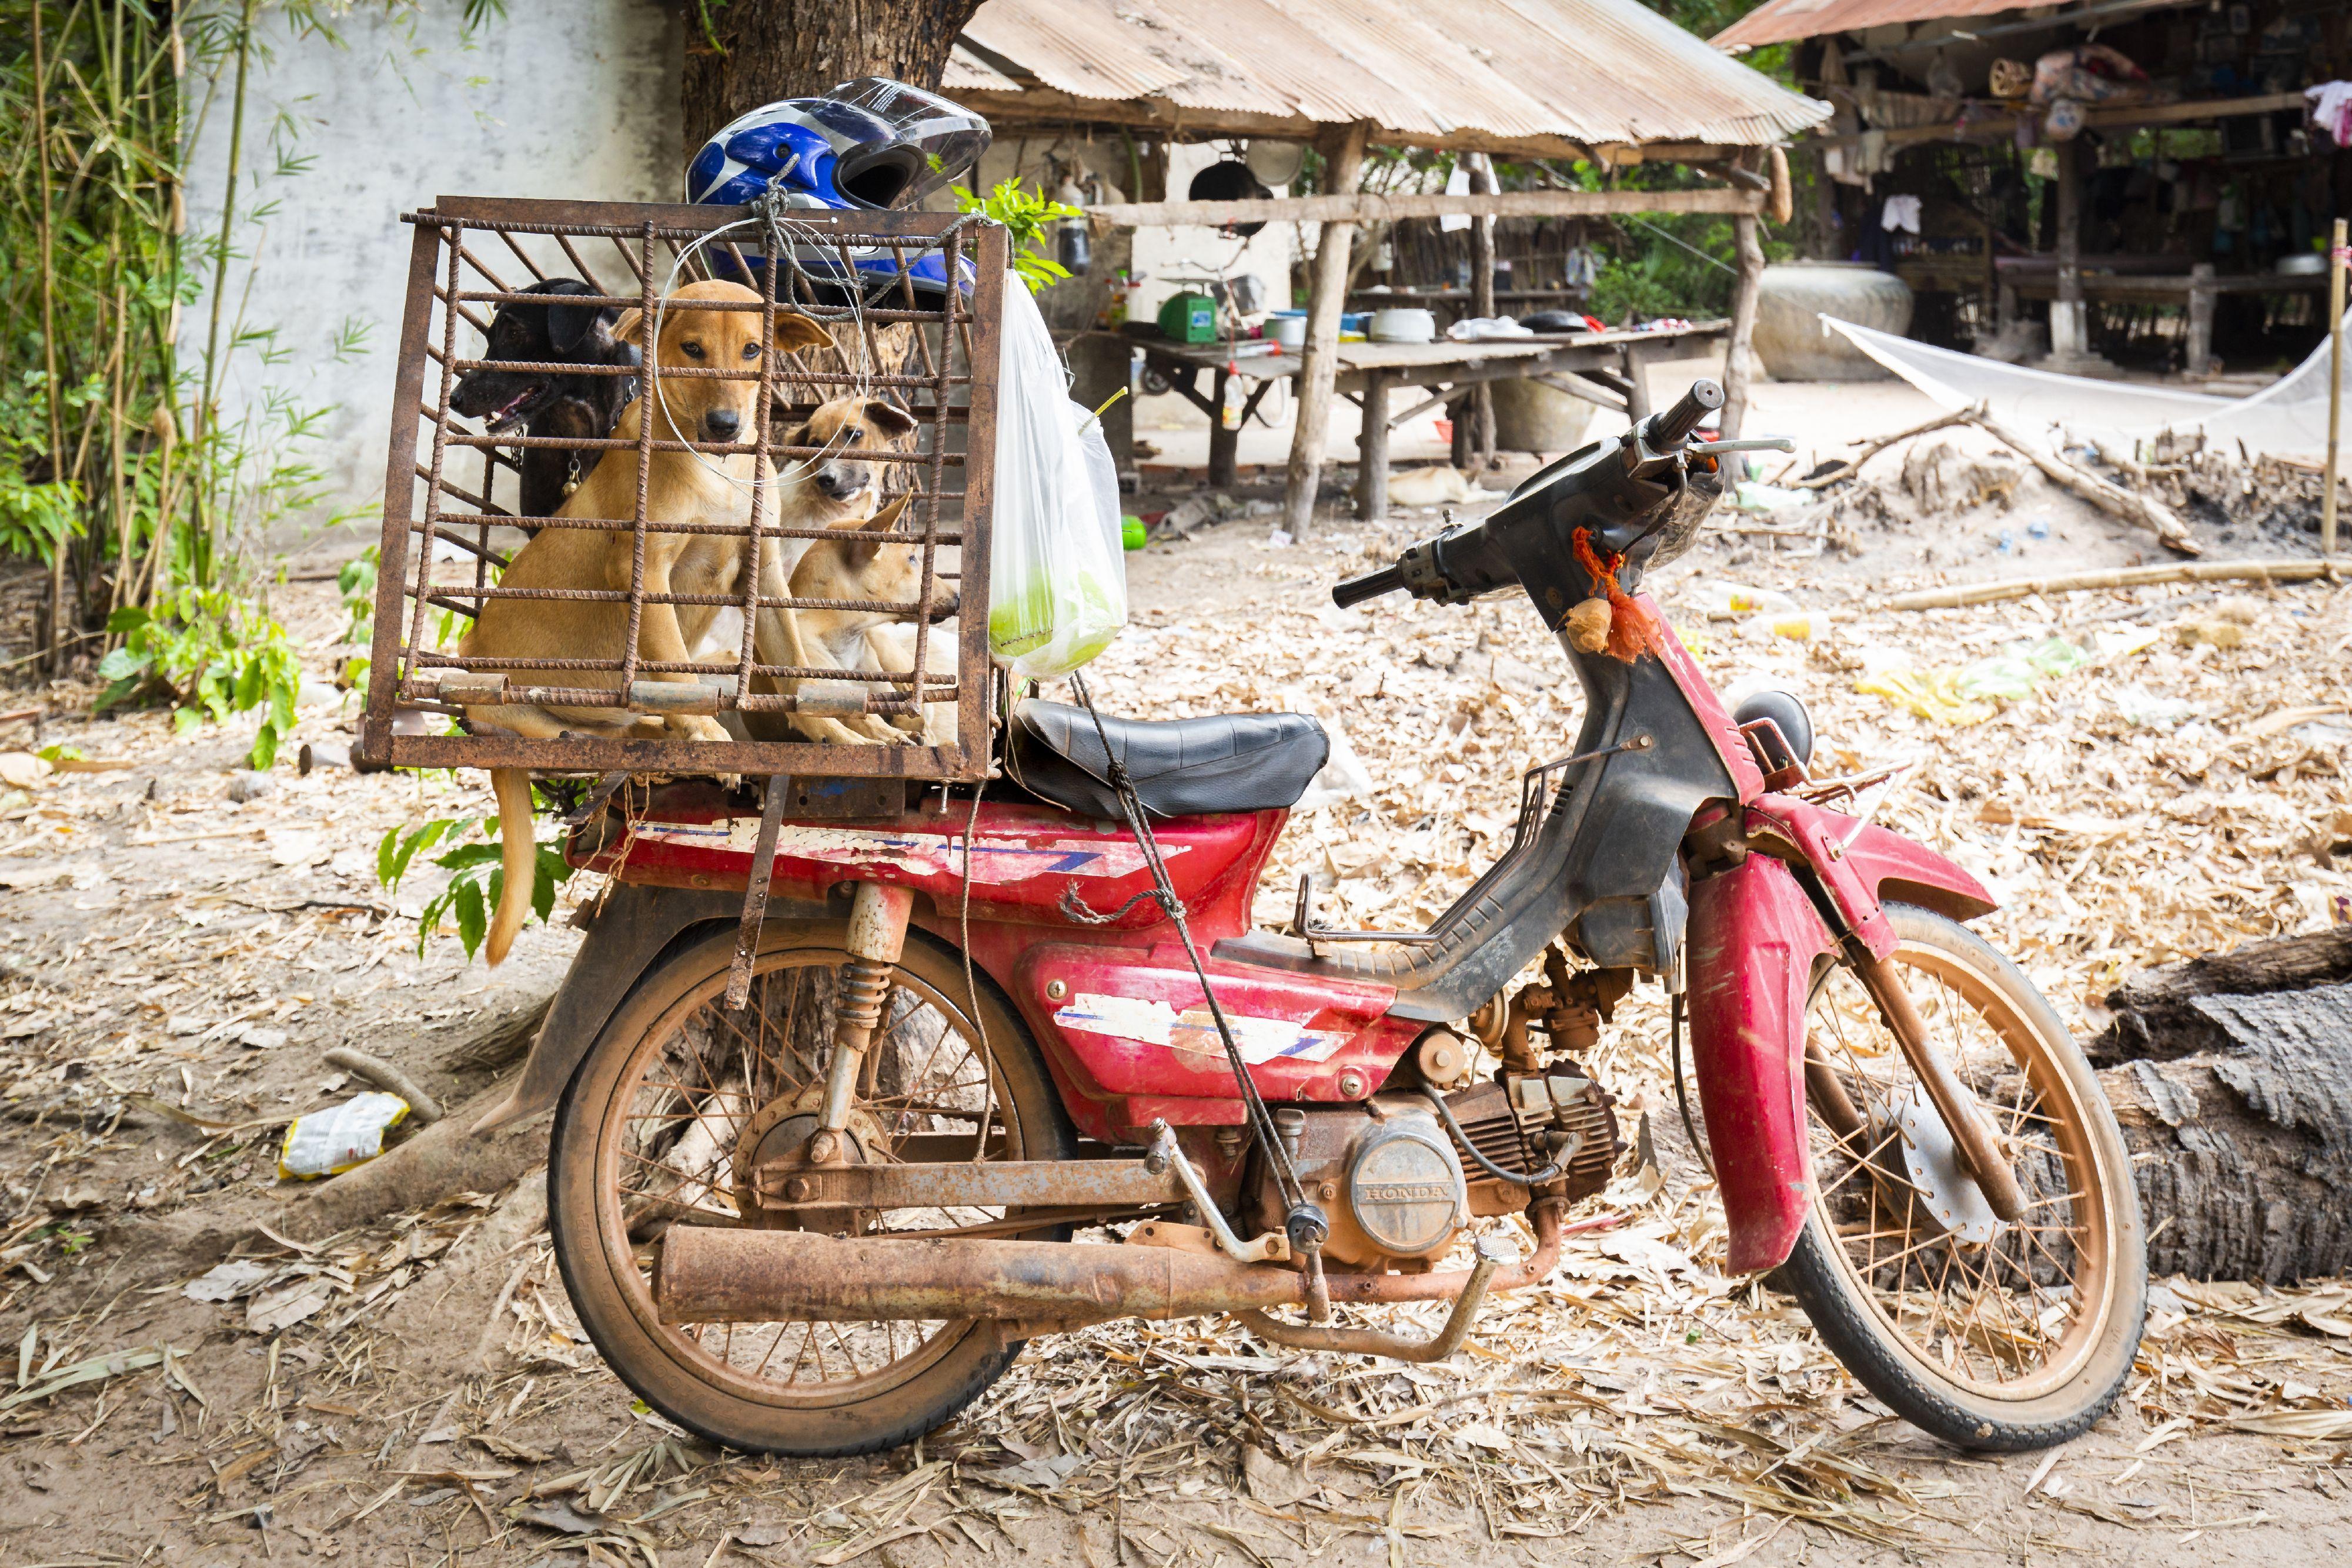 Honden worden vervoerd naar een slachthuis